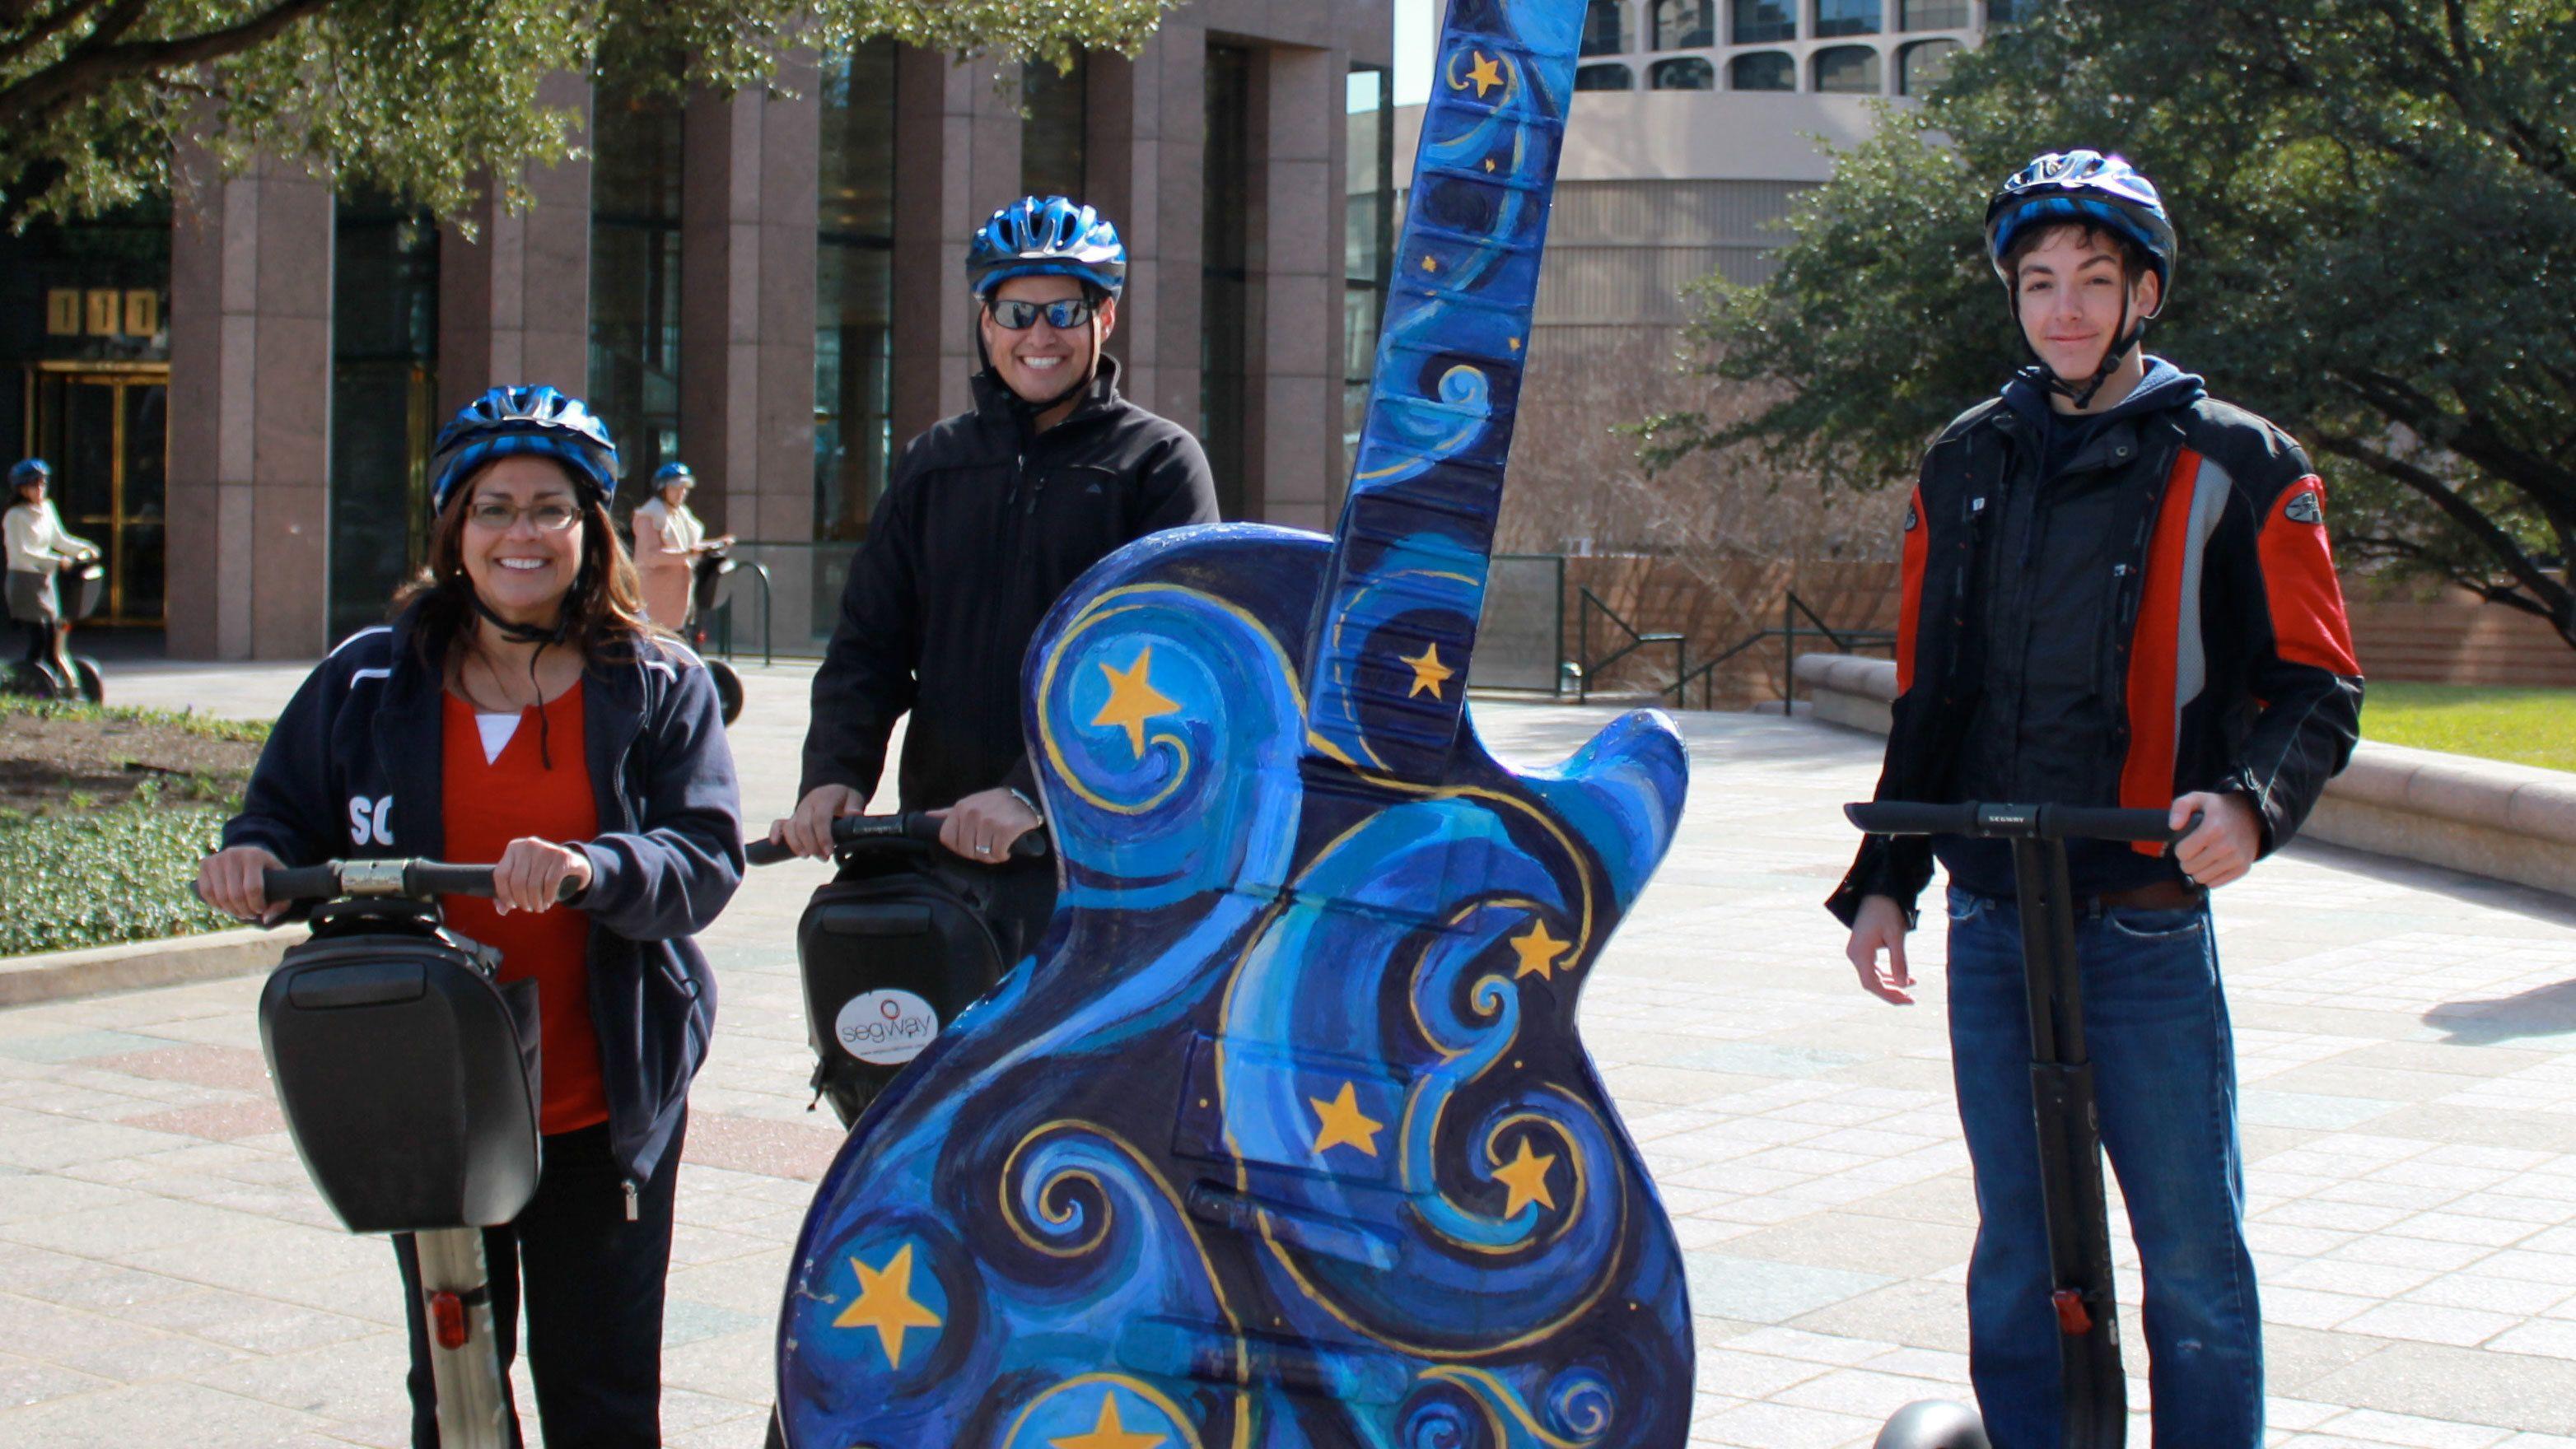 Tour group on Segway Tour in Austin Texas